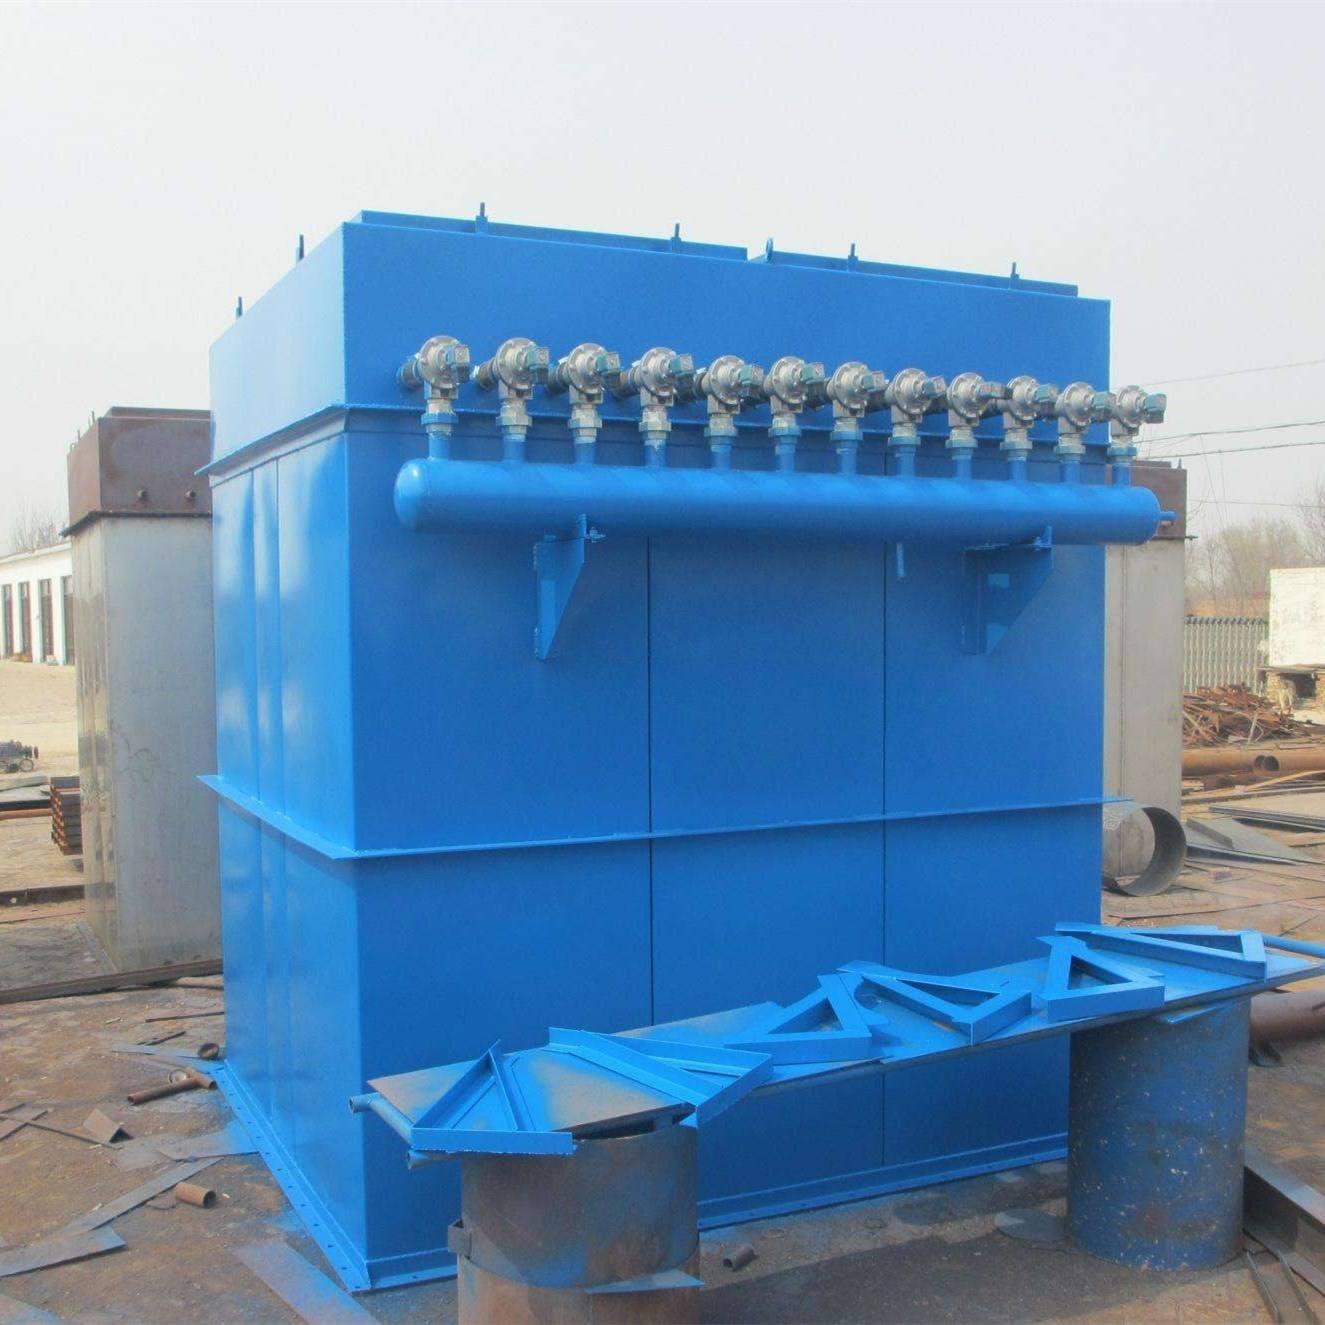 单机除尘器价格,湖南单机除尘器,单机除尘器厂家供应